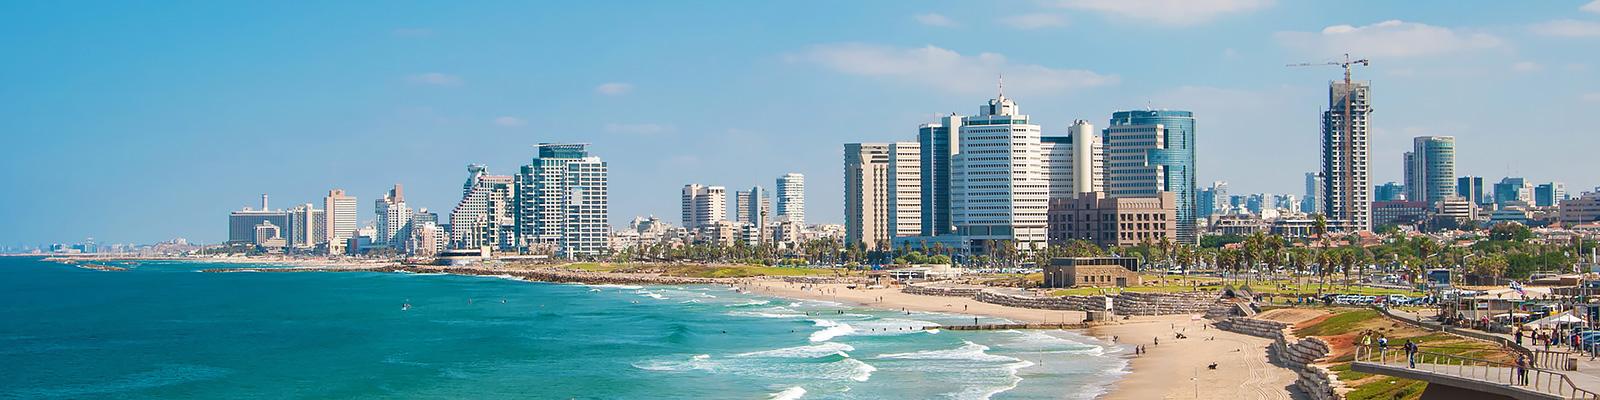 イスラエル テルアビブ 海岸 イメージ